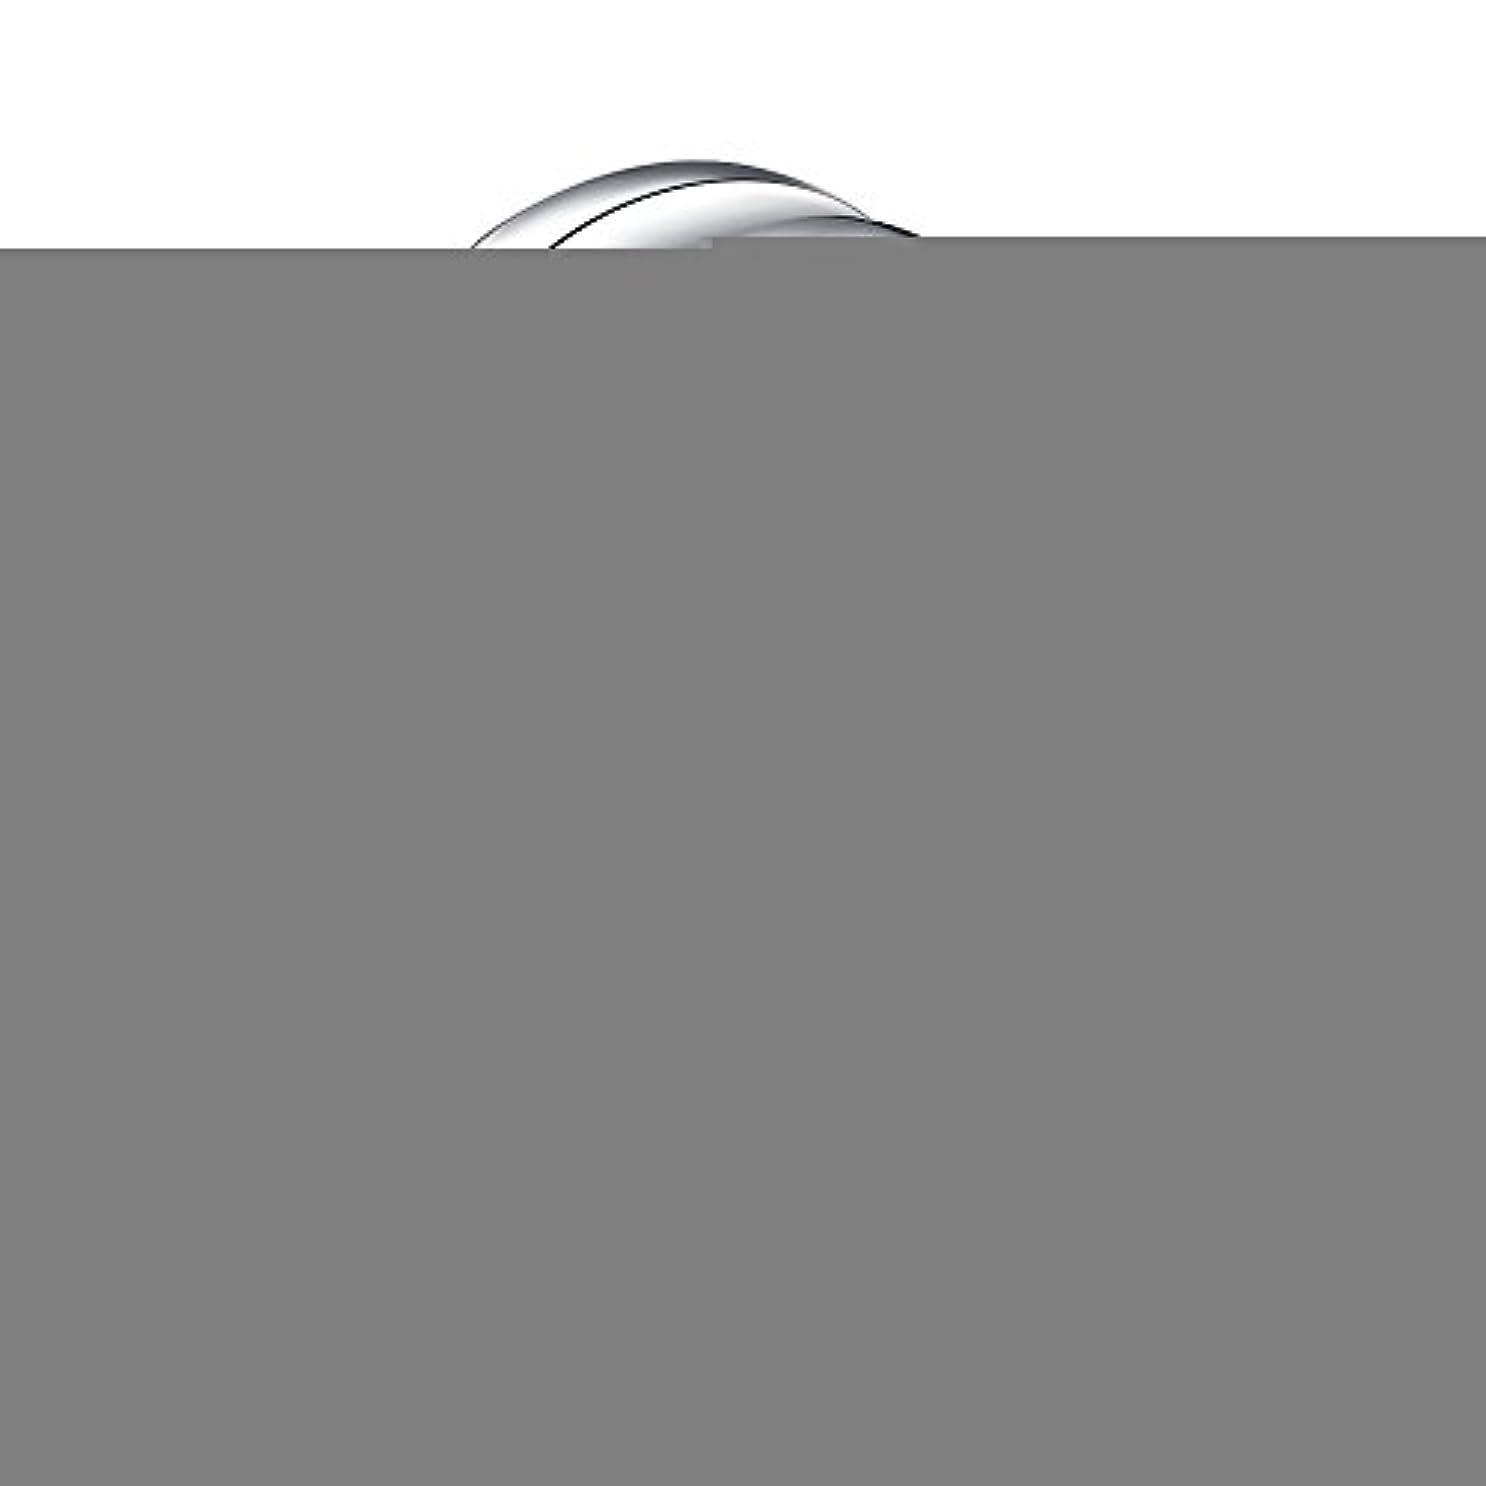 本土クレジットカーフ結婚指輪人気 クラウン指輪 クラウン镶钻開口の指輪調節できます 流行韓国の芸能人アクセサリー ウエディングドレスセット プロポーズのプレゼント ガールフレンドプレゼント